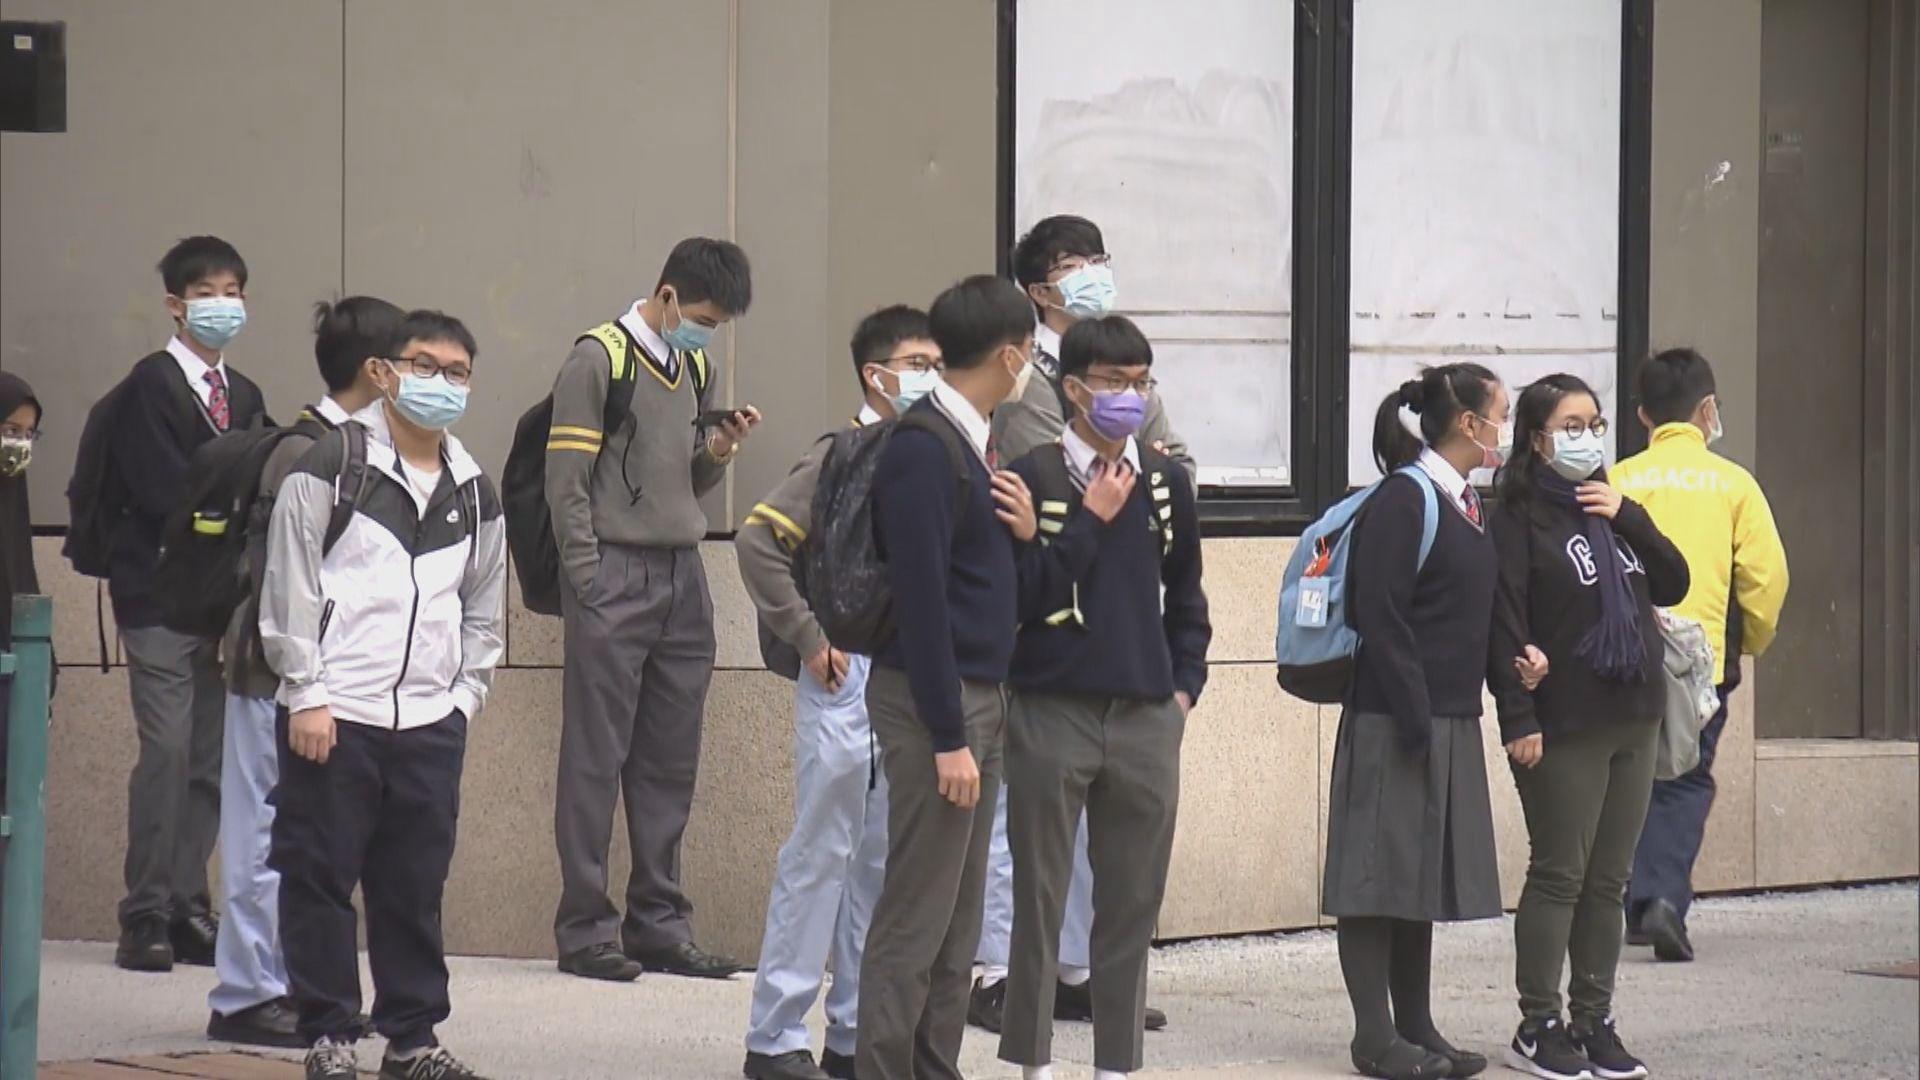 教育局:中六生按需要可回校上課或考試